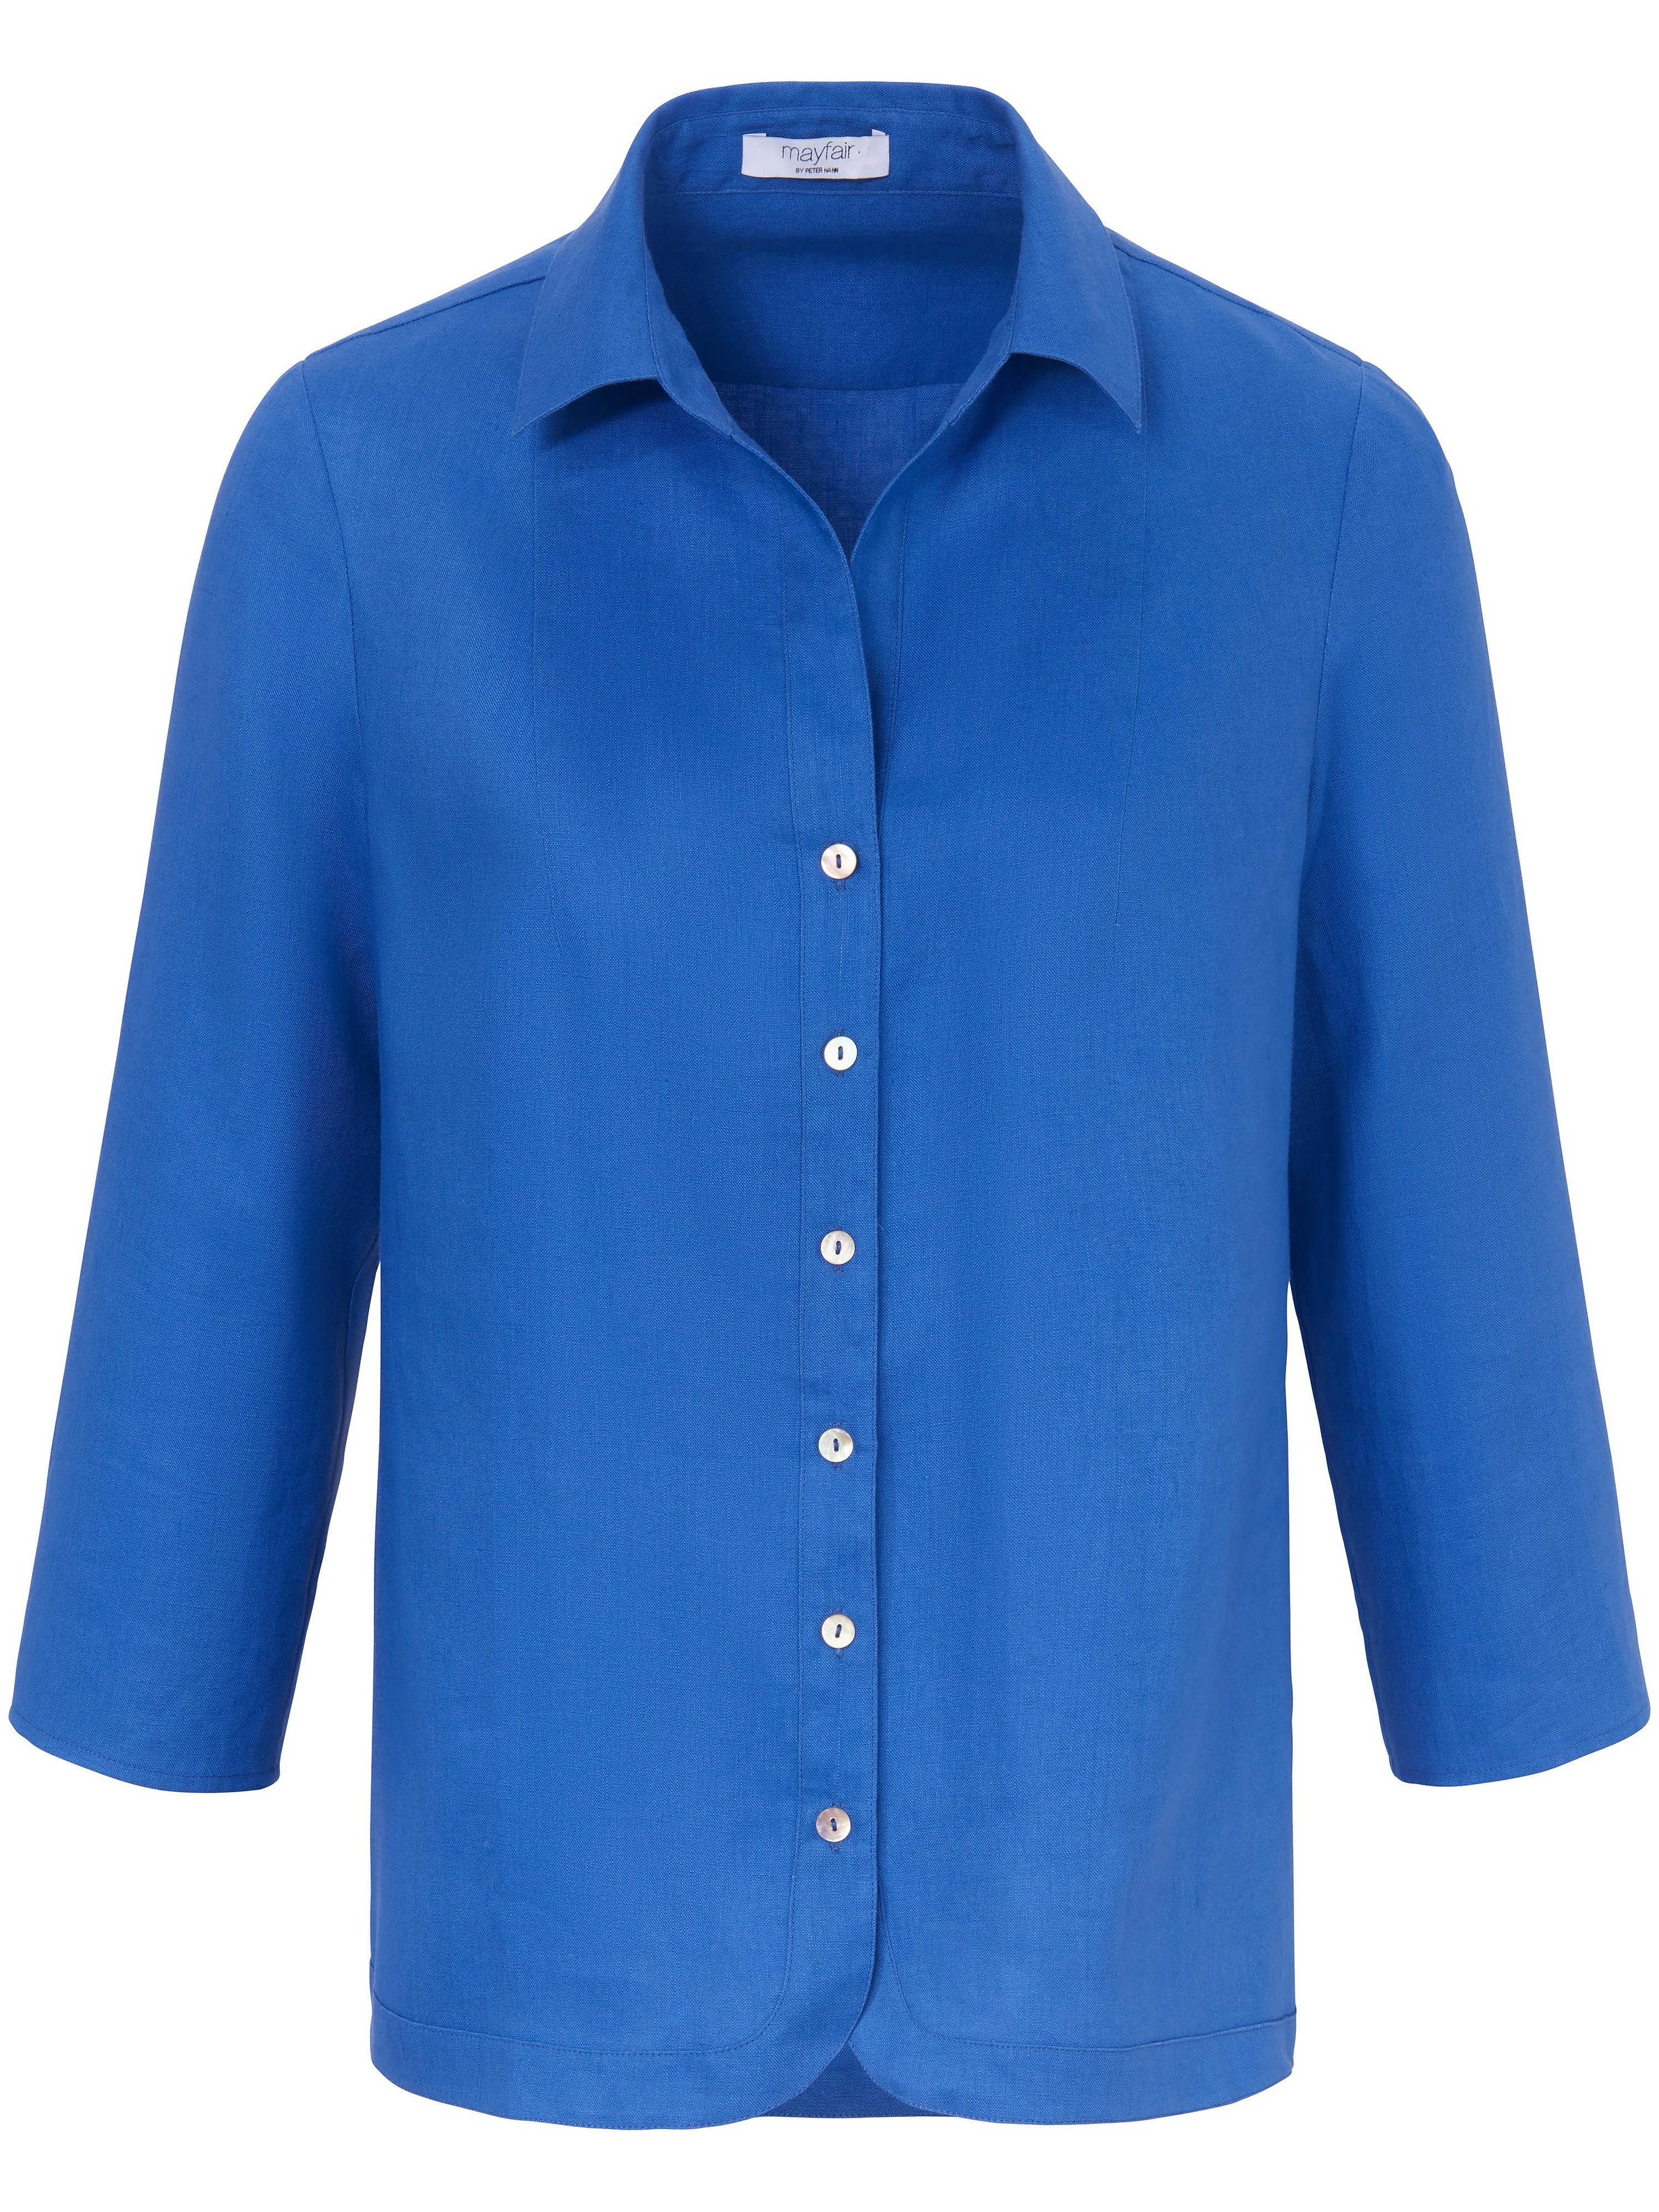 Blouse 3/4-mouwen en overhemdkraag Van mayfair by Peter Hahn blauw